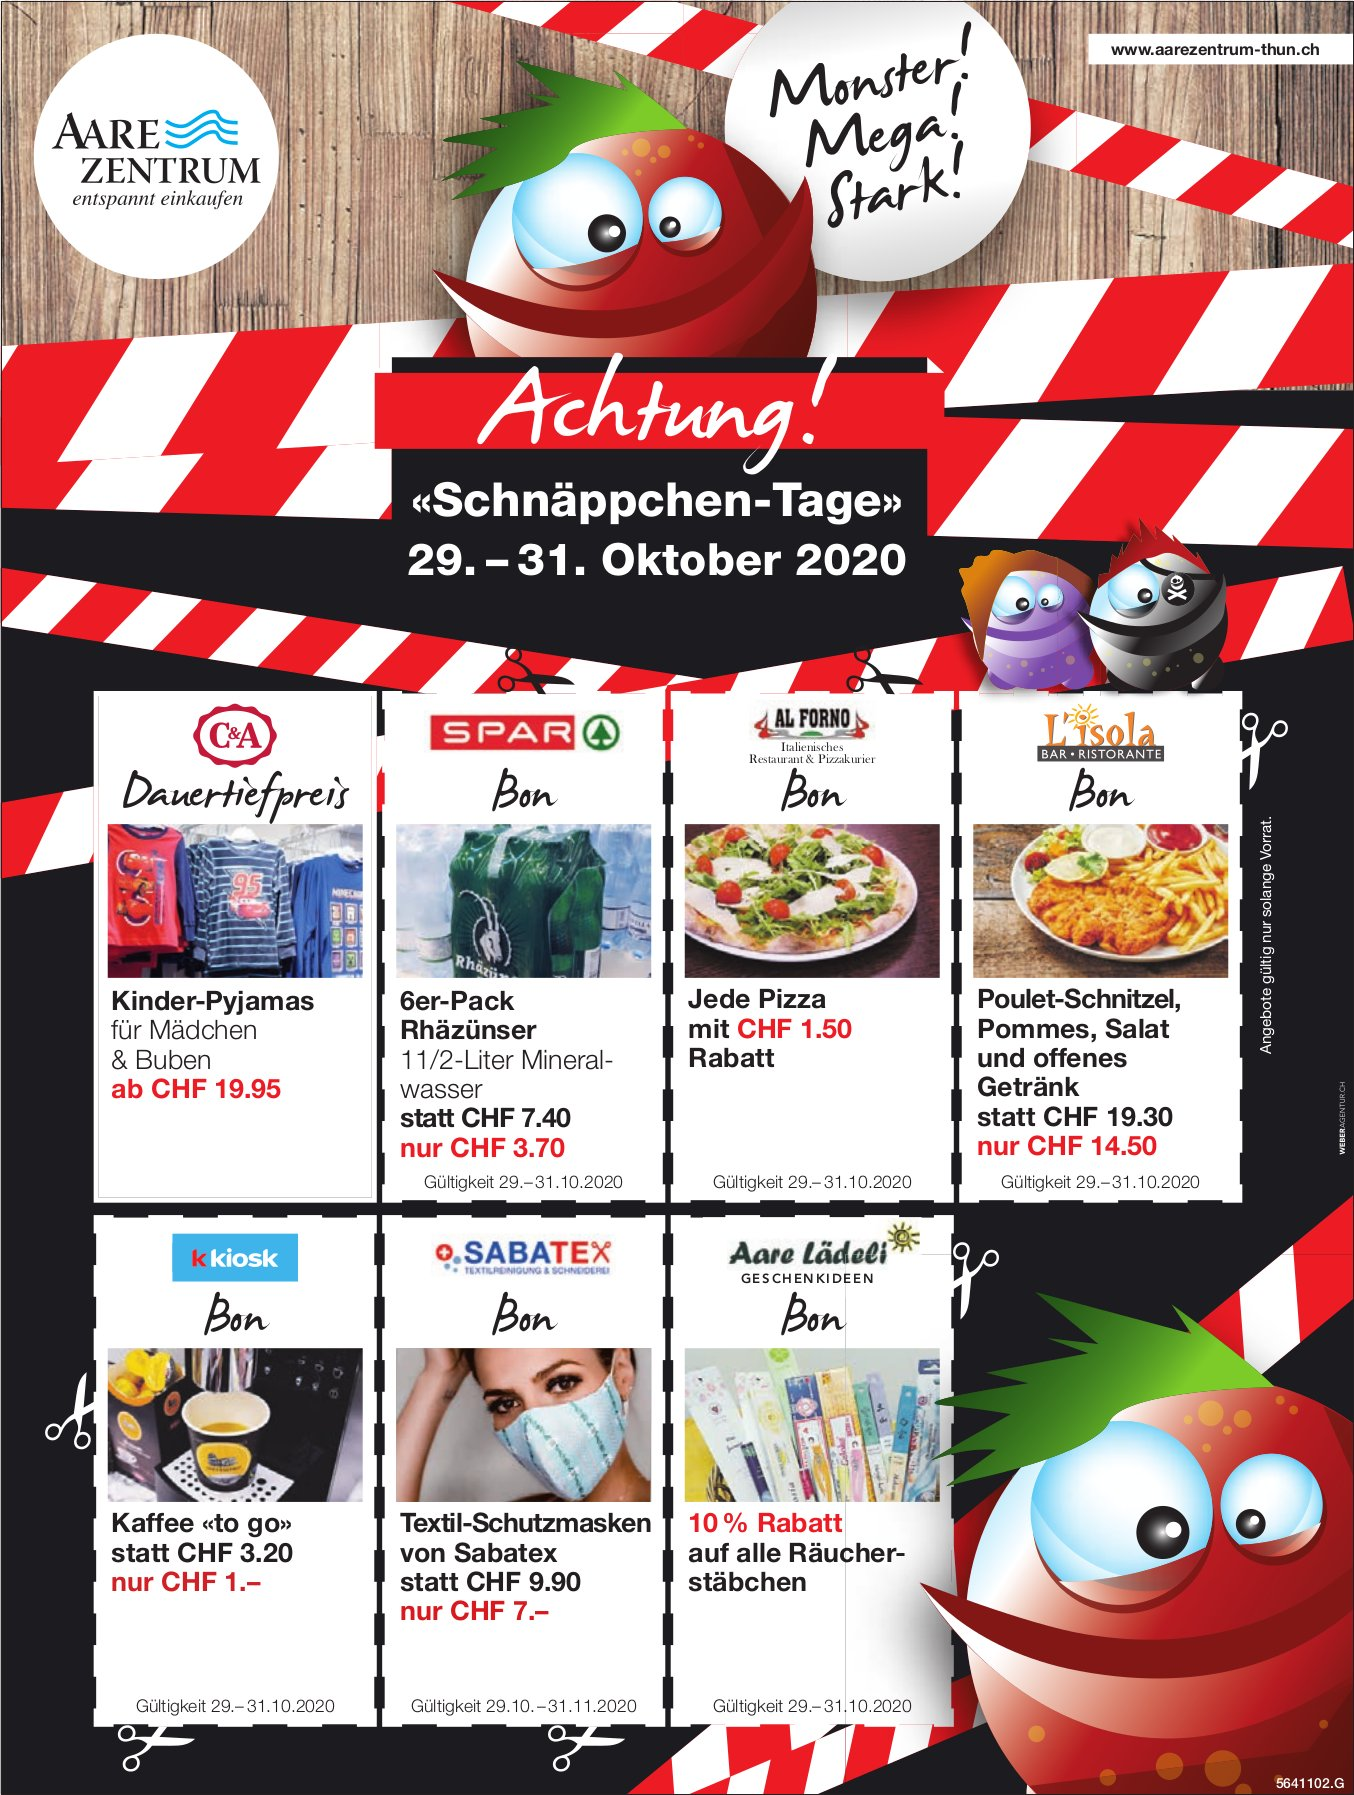 Achtung! «Schnäppchen-Tage», 29. Oktober, Thun